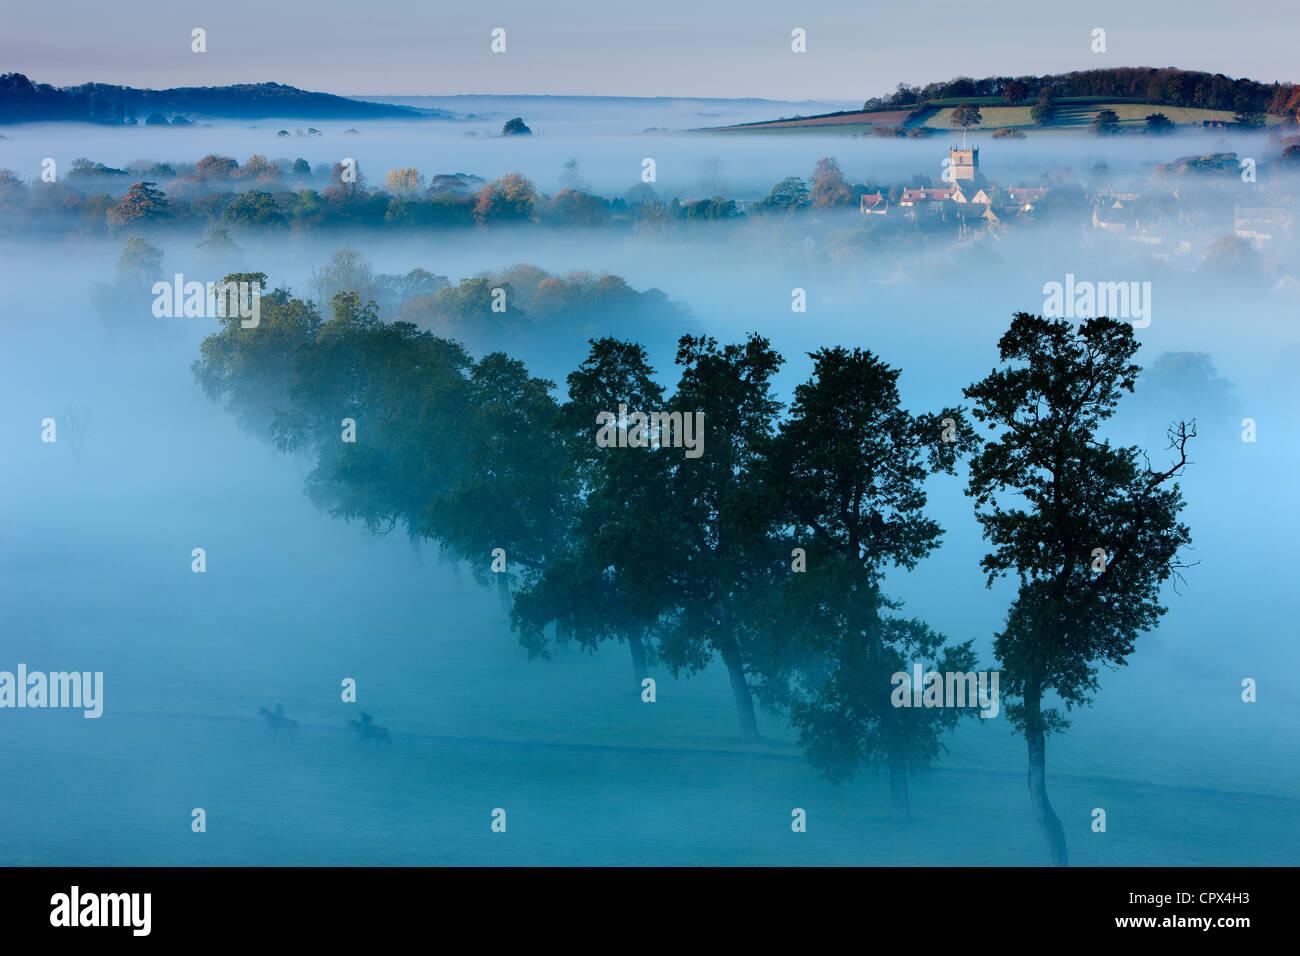 einem nebligen Herbstmorgen, Milborne Port, an der Grenze zu Dorset/Somerset, England UK Stockbild